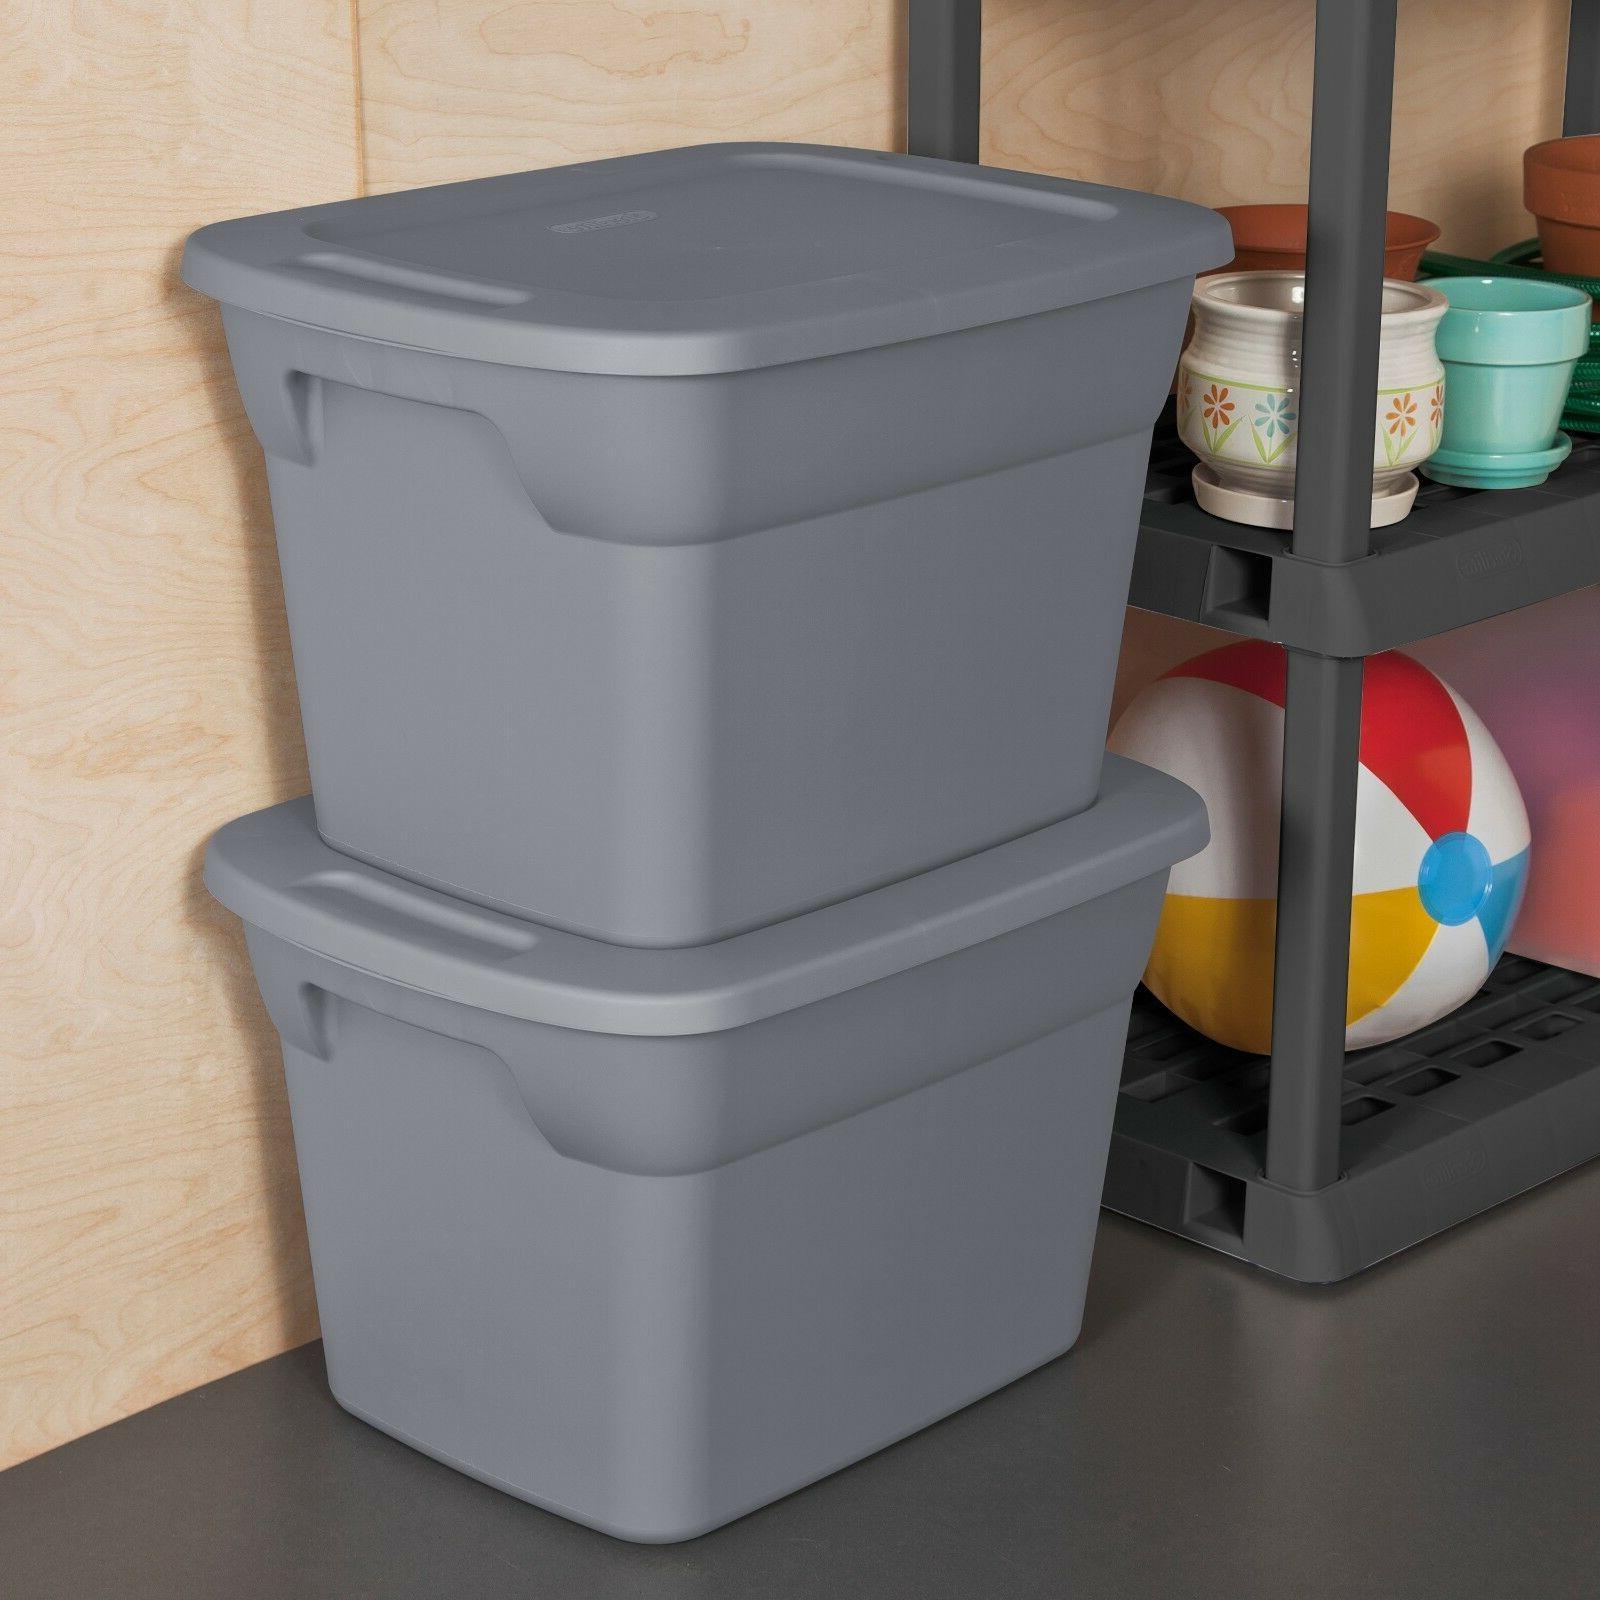 8 PLASTIC 18 Gallon Sterilite Tote Box Bin With Lid